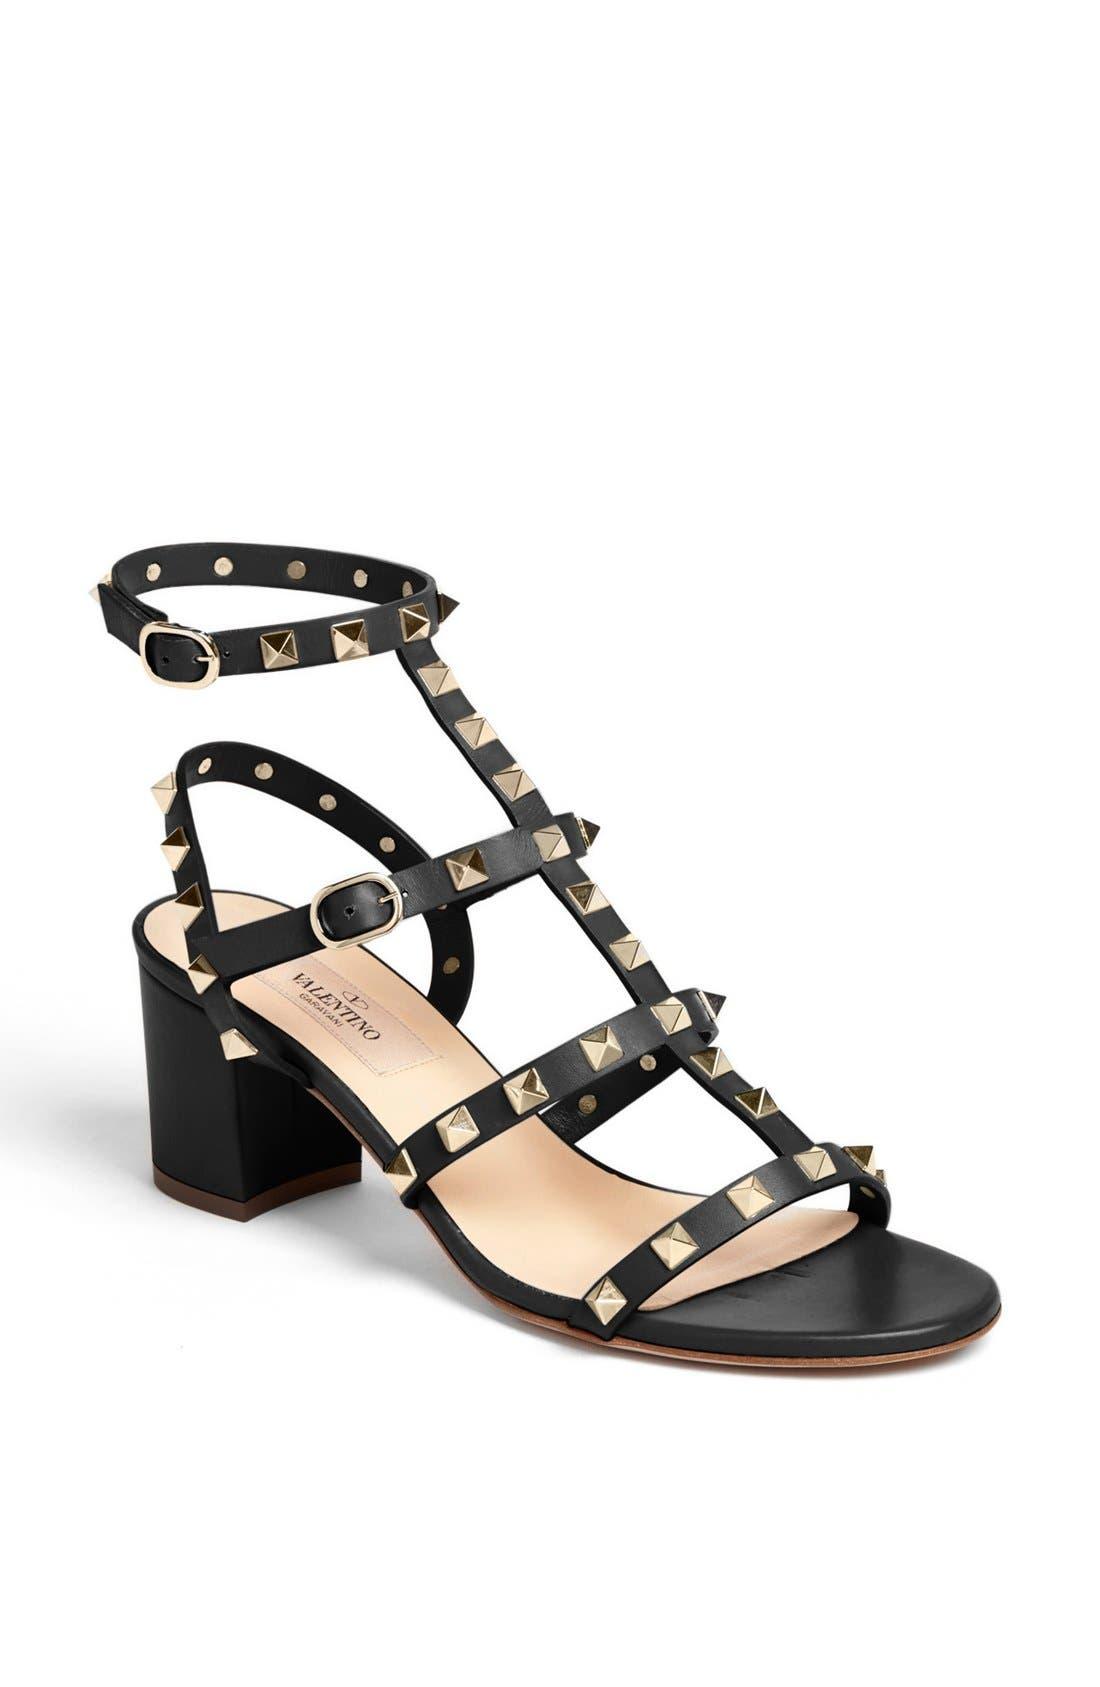 Main Image - Valentino 'Rockstud' Sandal